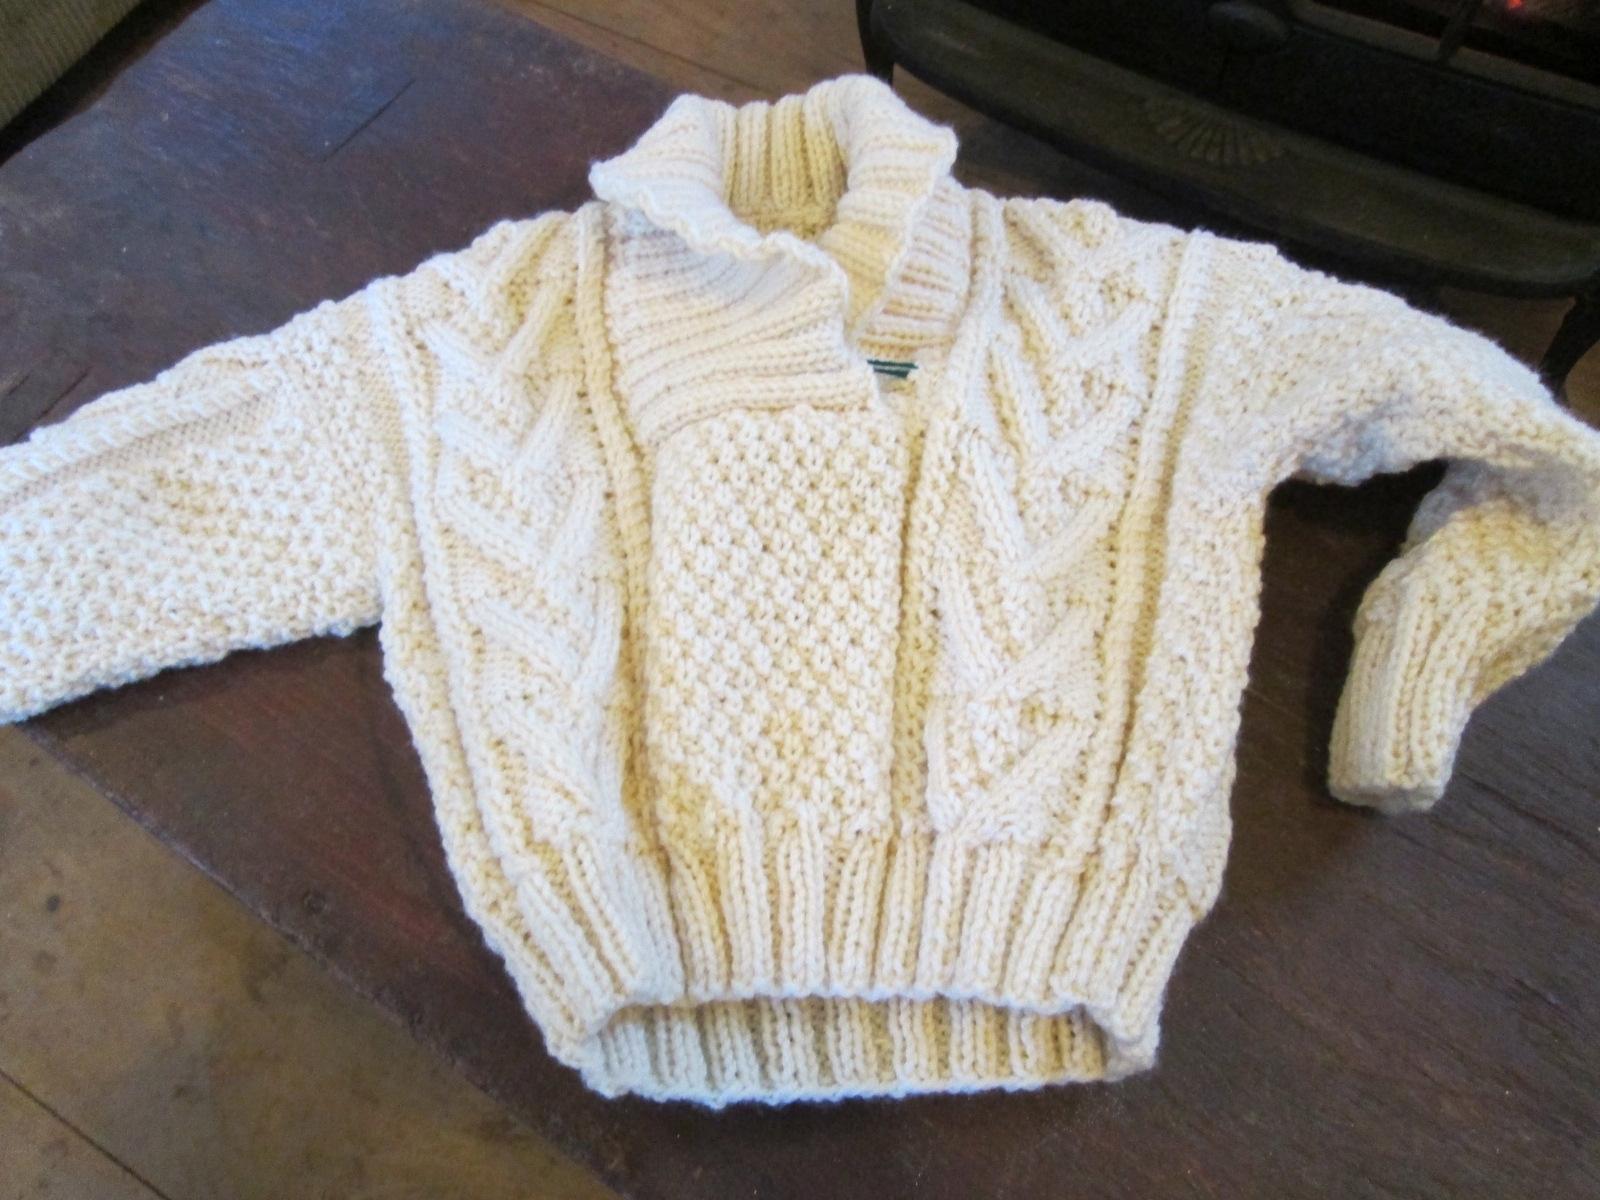 Angela's lovely child's washable sweater!